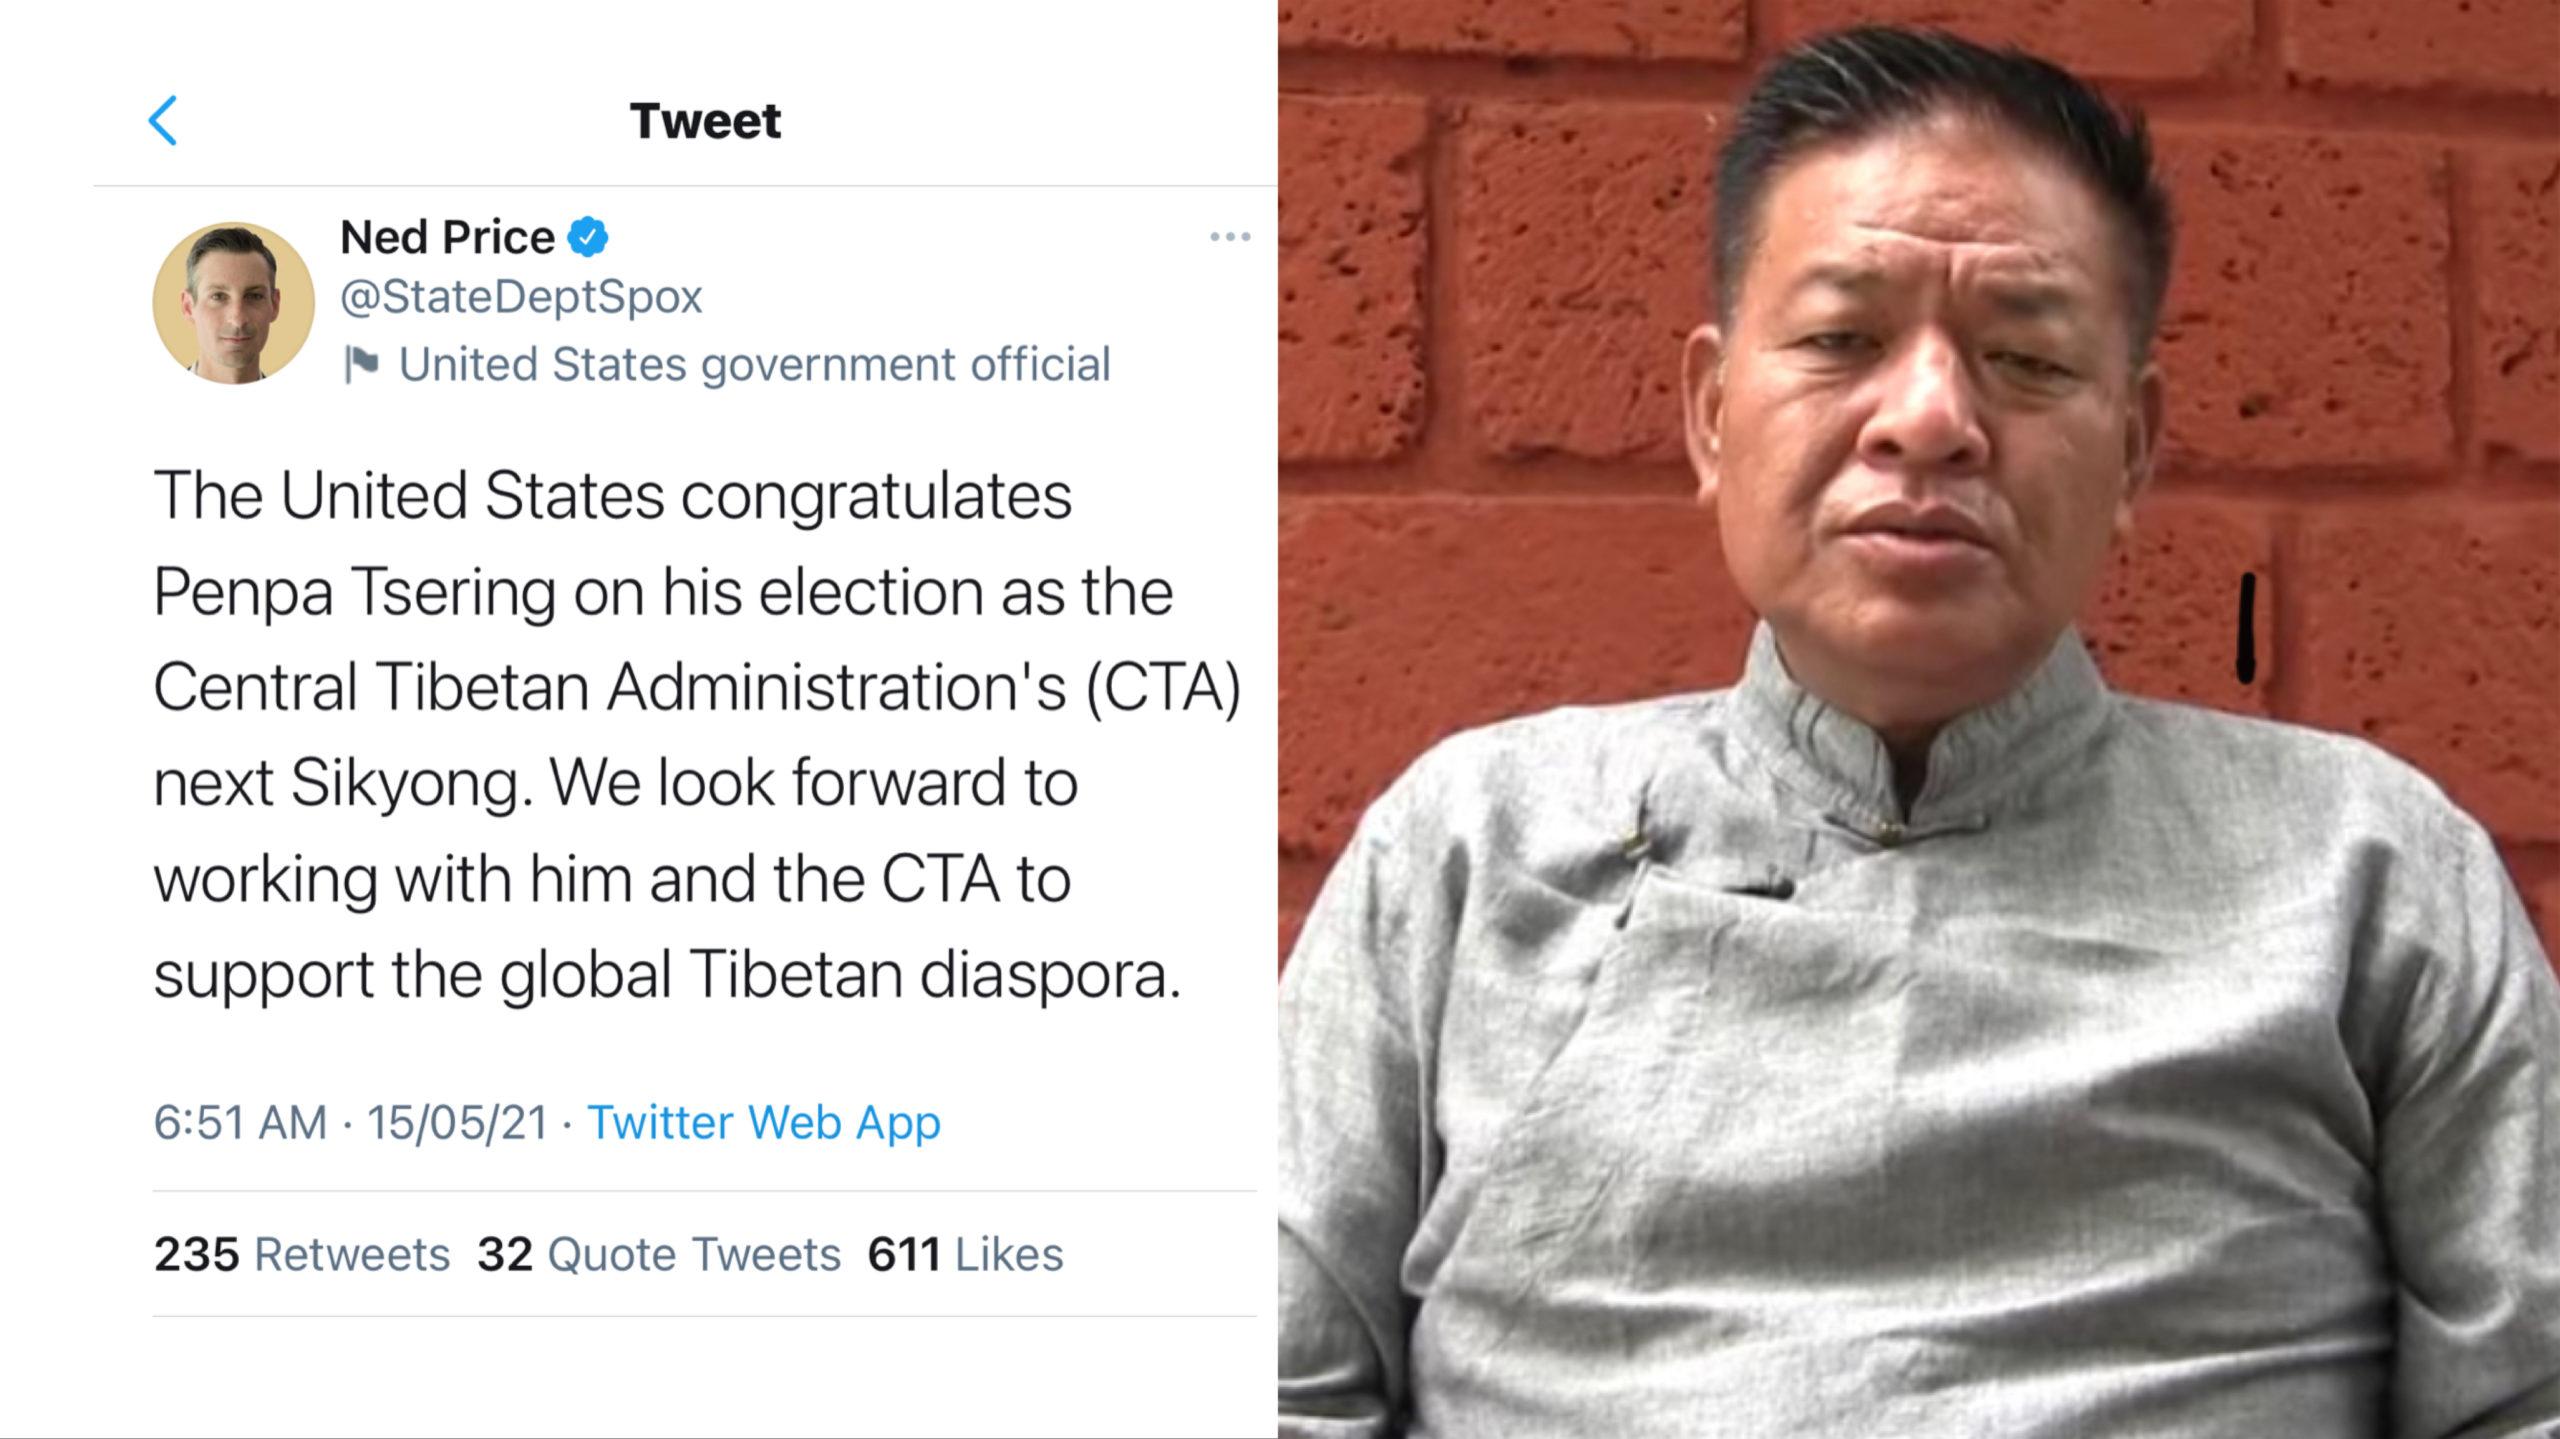 美国国务院:我们期待能够与新一届西藏领导人合作